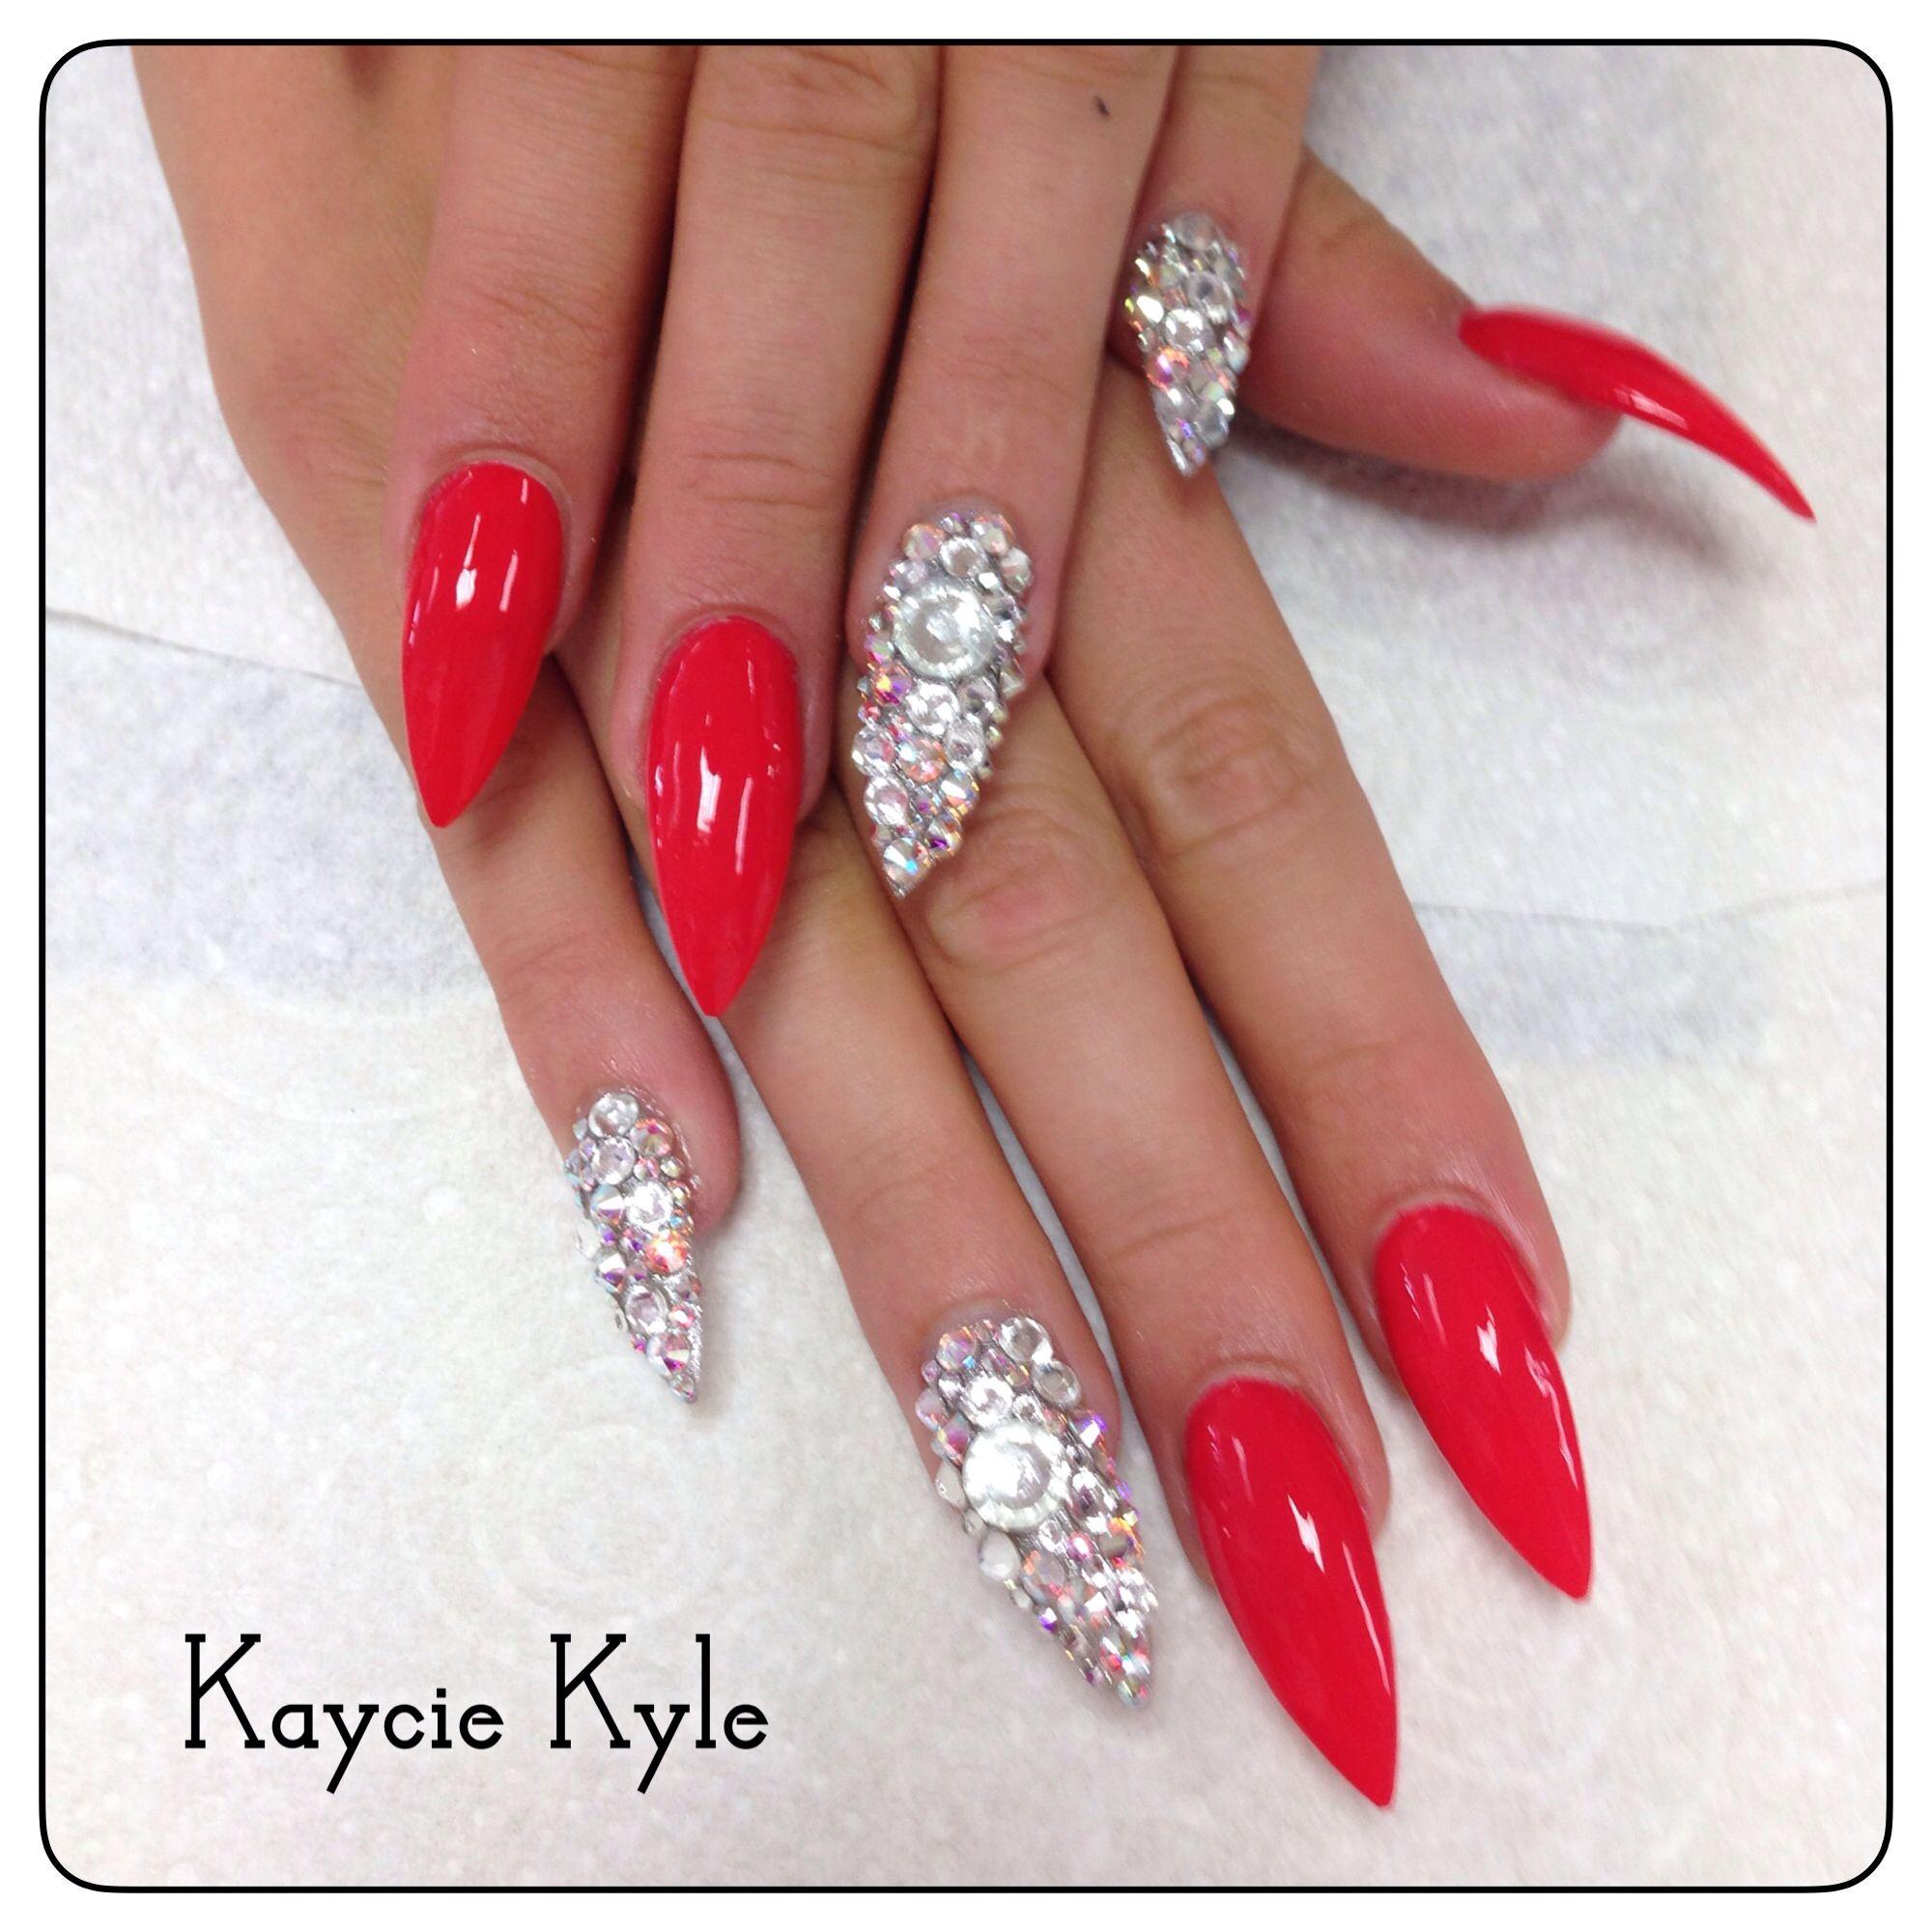 Super bling nails | Nails | Pinterest | Bling nails, Bling and Nail nail